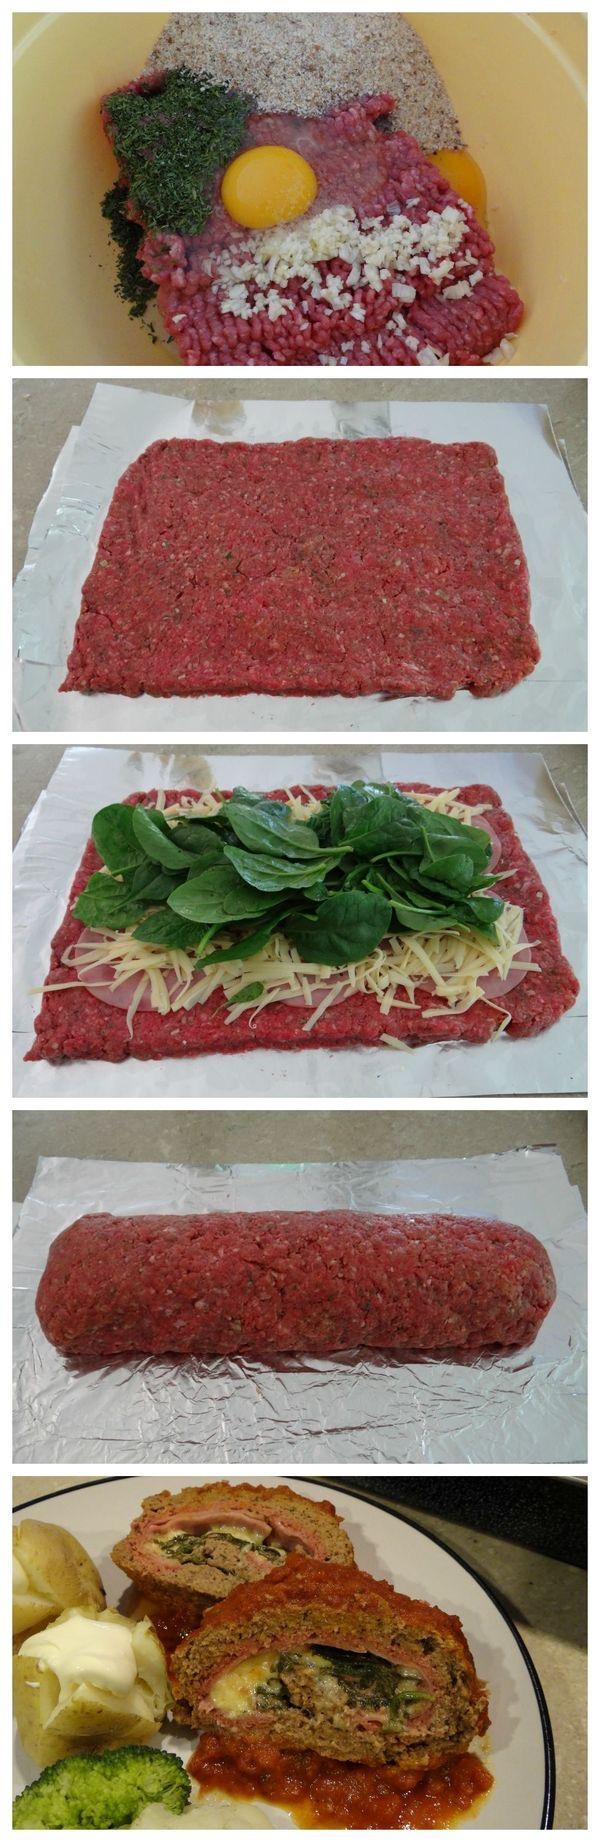 Rollos Essen rollo de carne molida con espinacas queso jamón huevo especias pan